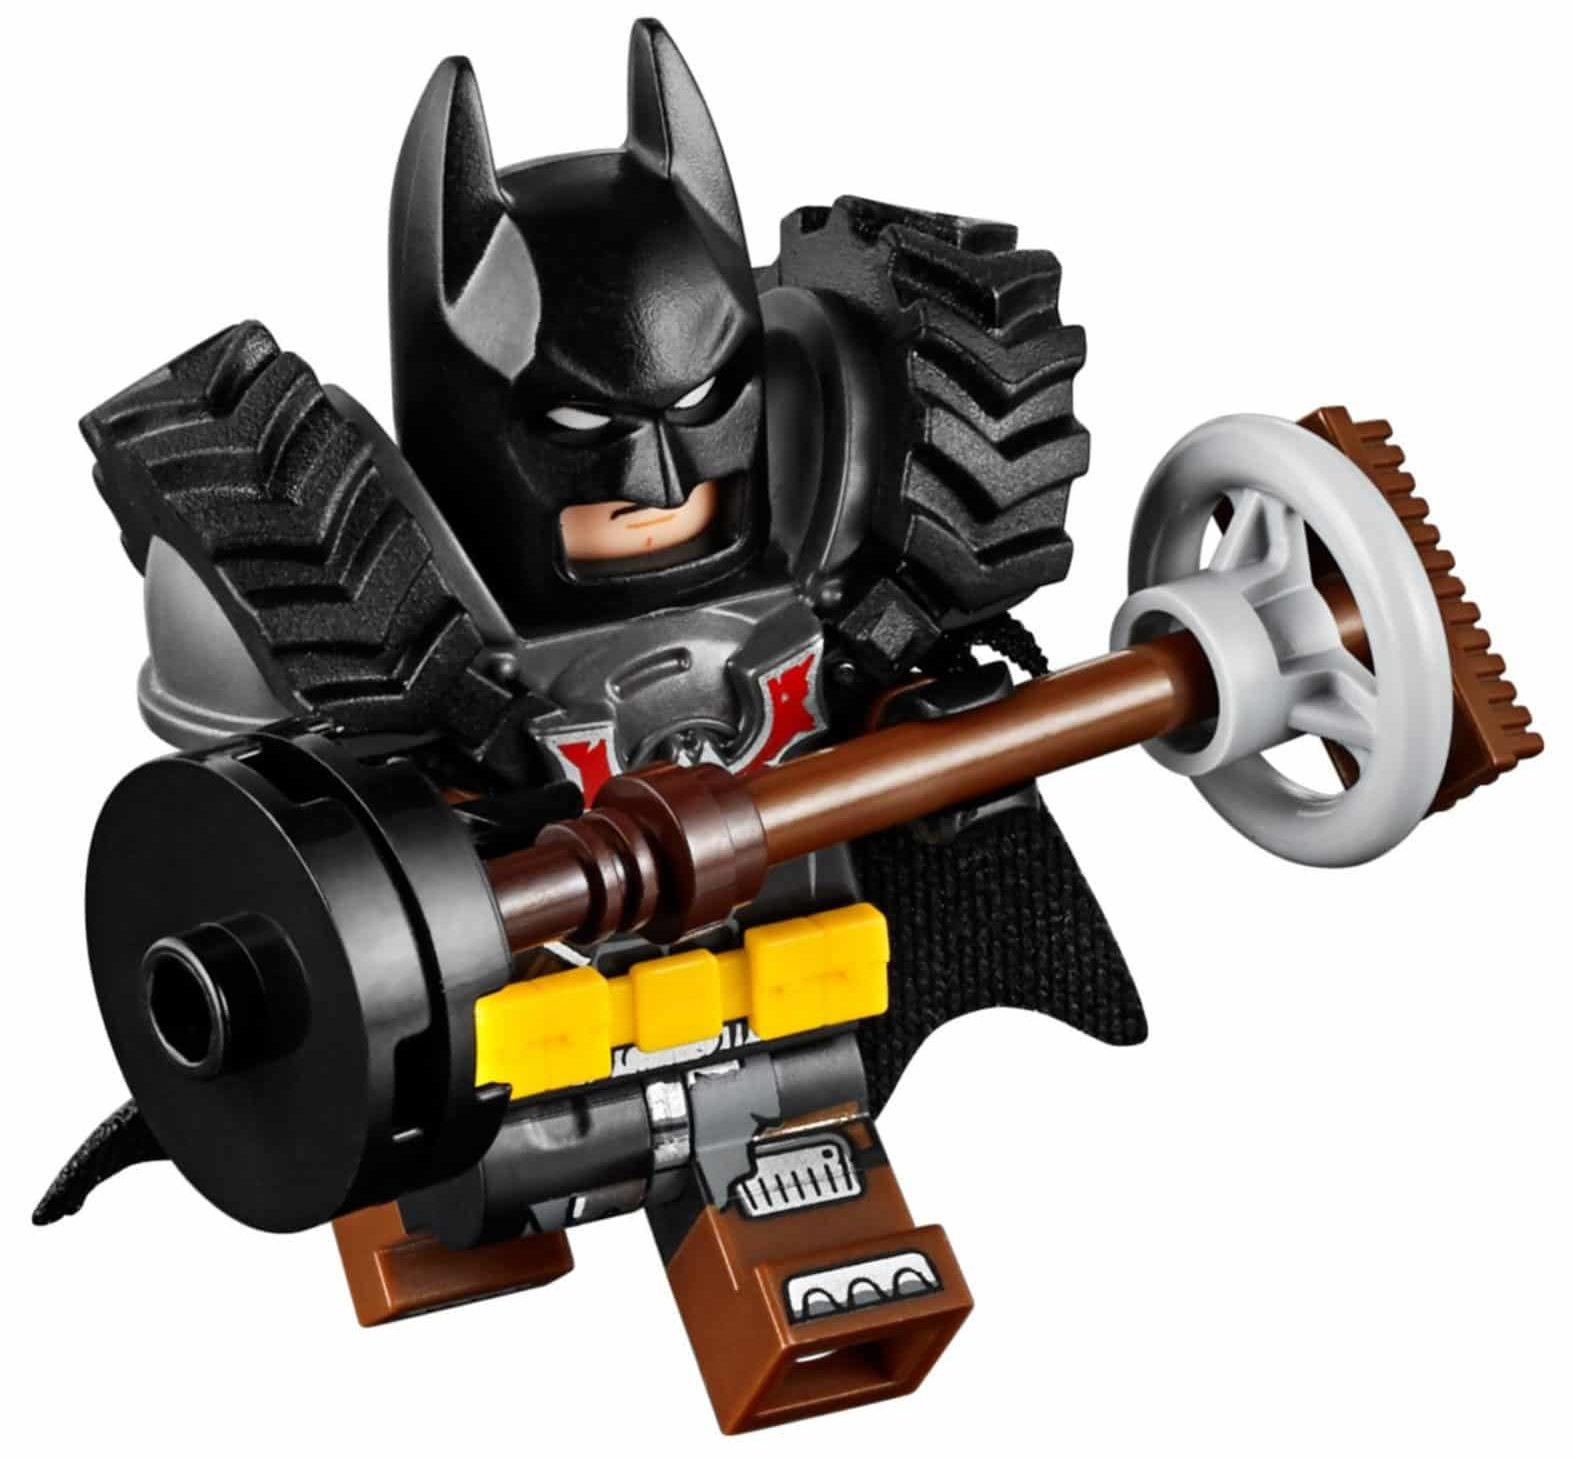 LEGO 70840 Apocalypseburg: Batman